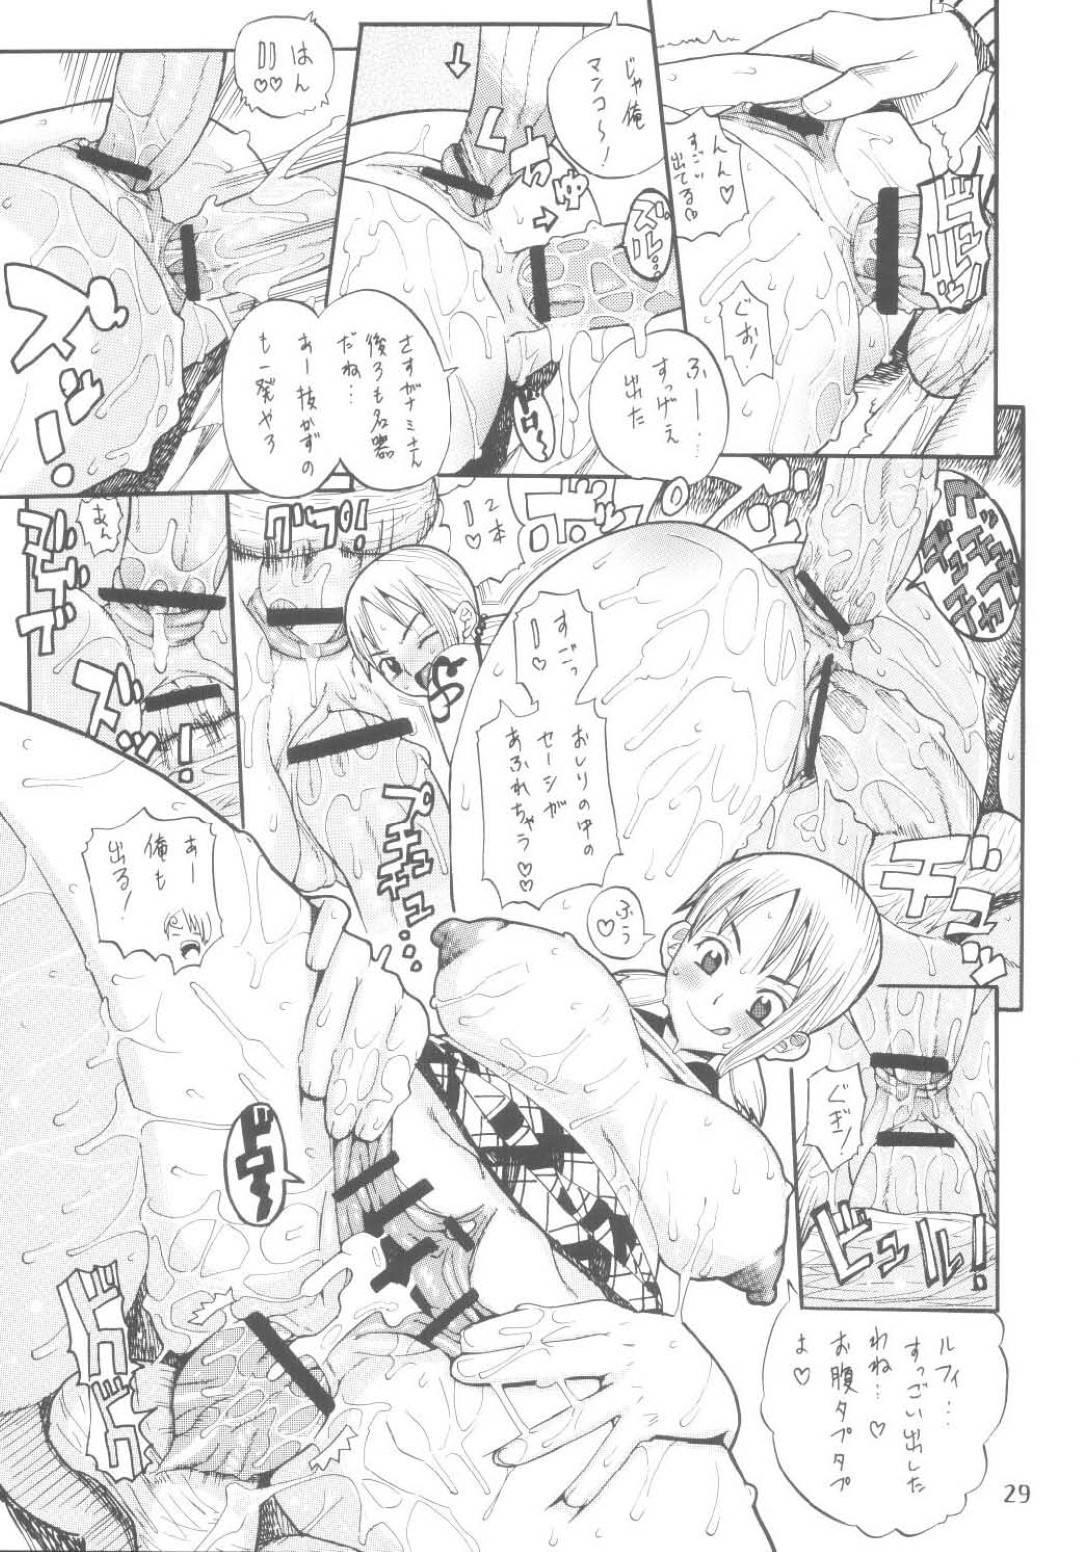 【エロ同人誌】サンジにおっぱい大きくなる実の入ったドリンクを飲まされたナミ…洋服はち切れるまで大きくなり、サンジに揉まれて母乳発射から下から出てくる精液を止めるために蓋代わりの生挿入!【みすたけ、ムラタ。:ナミの航海日誌すぺしゃる】